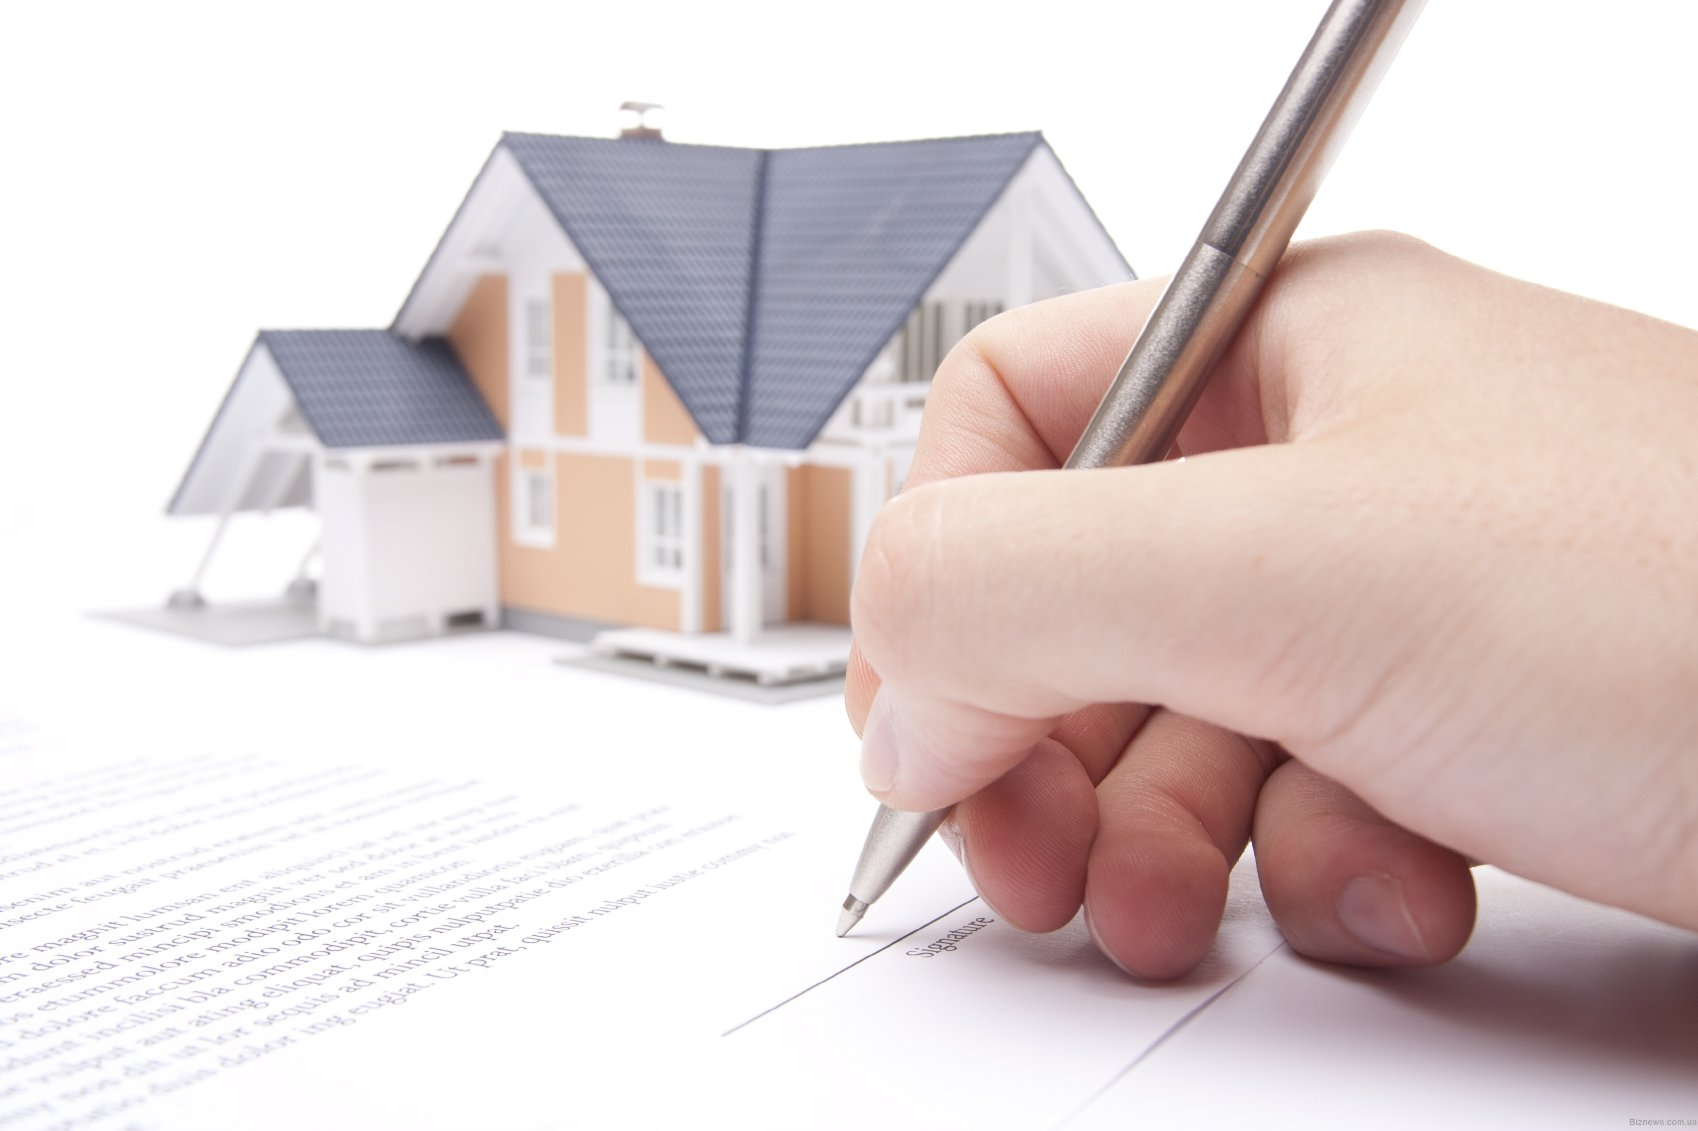 государственная регистрация недвижимости и залоговая